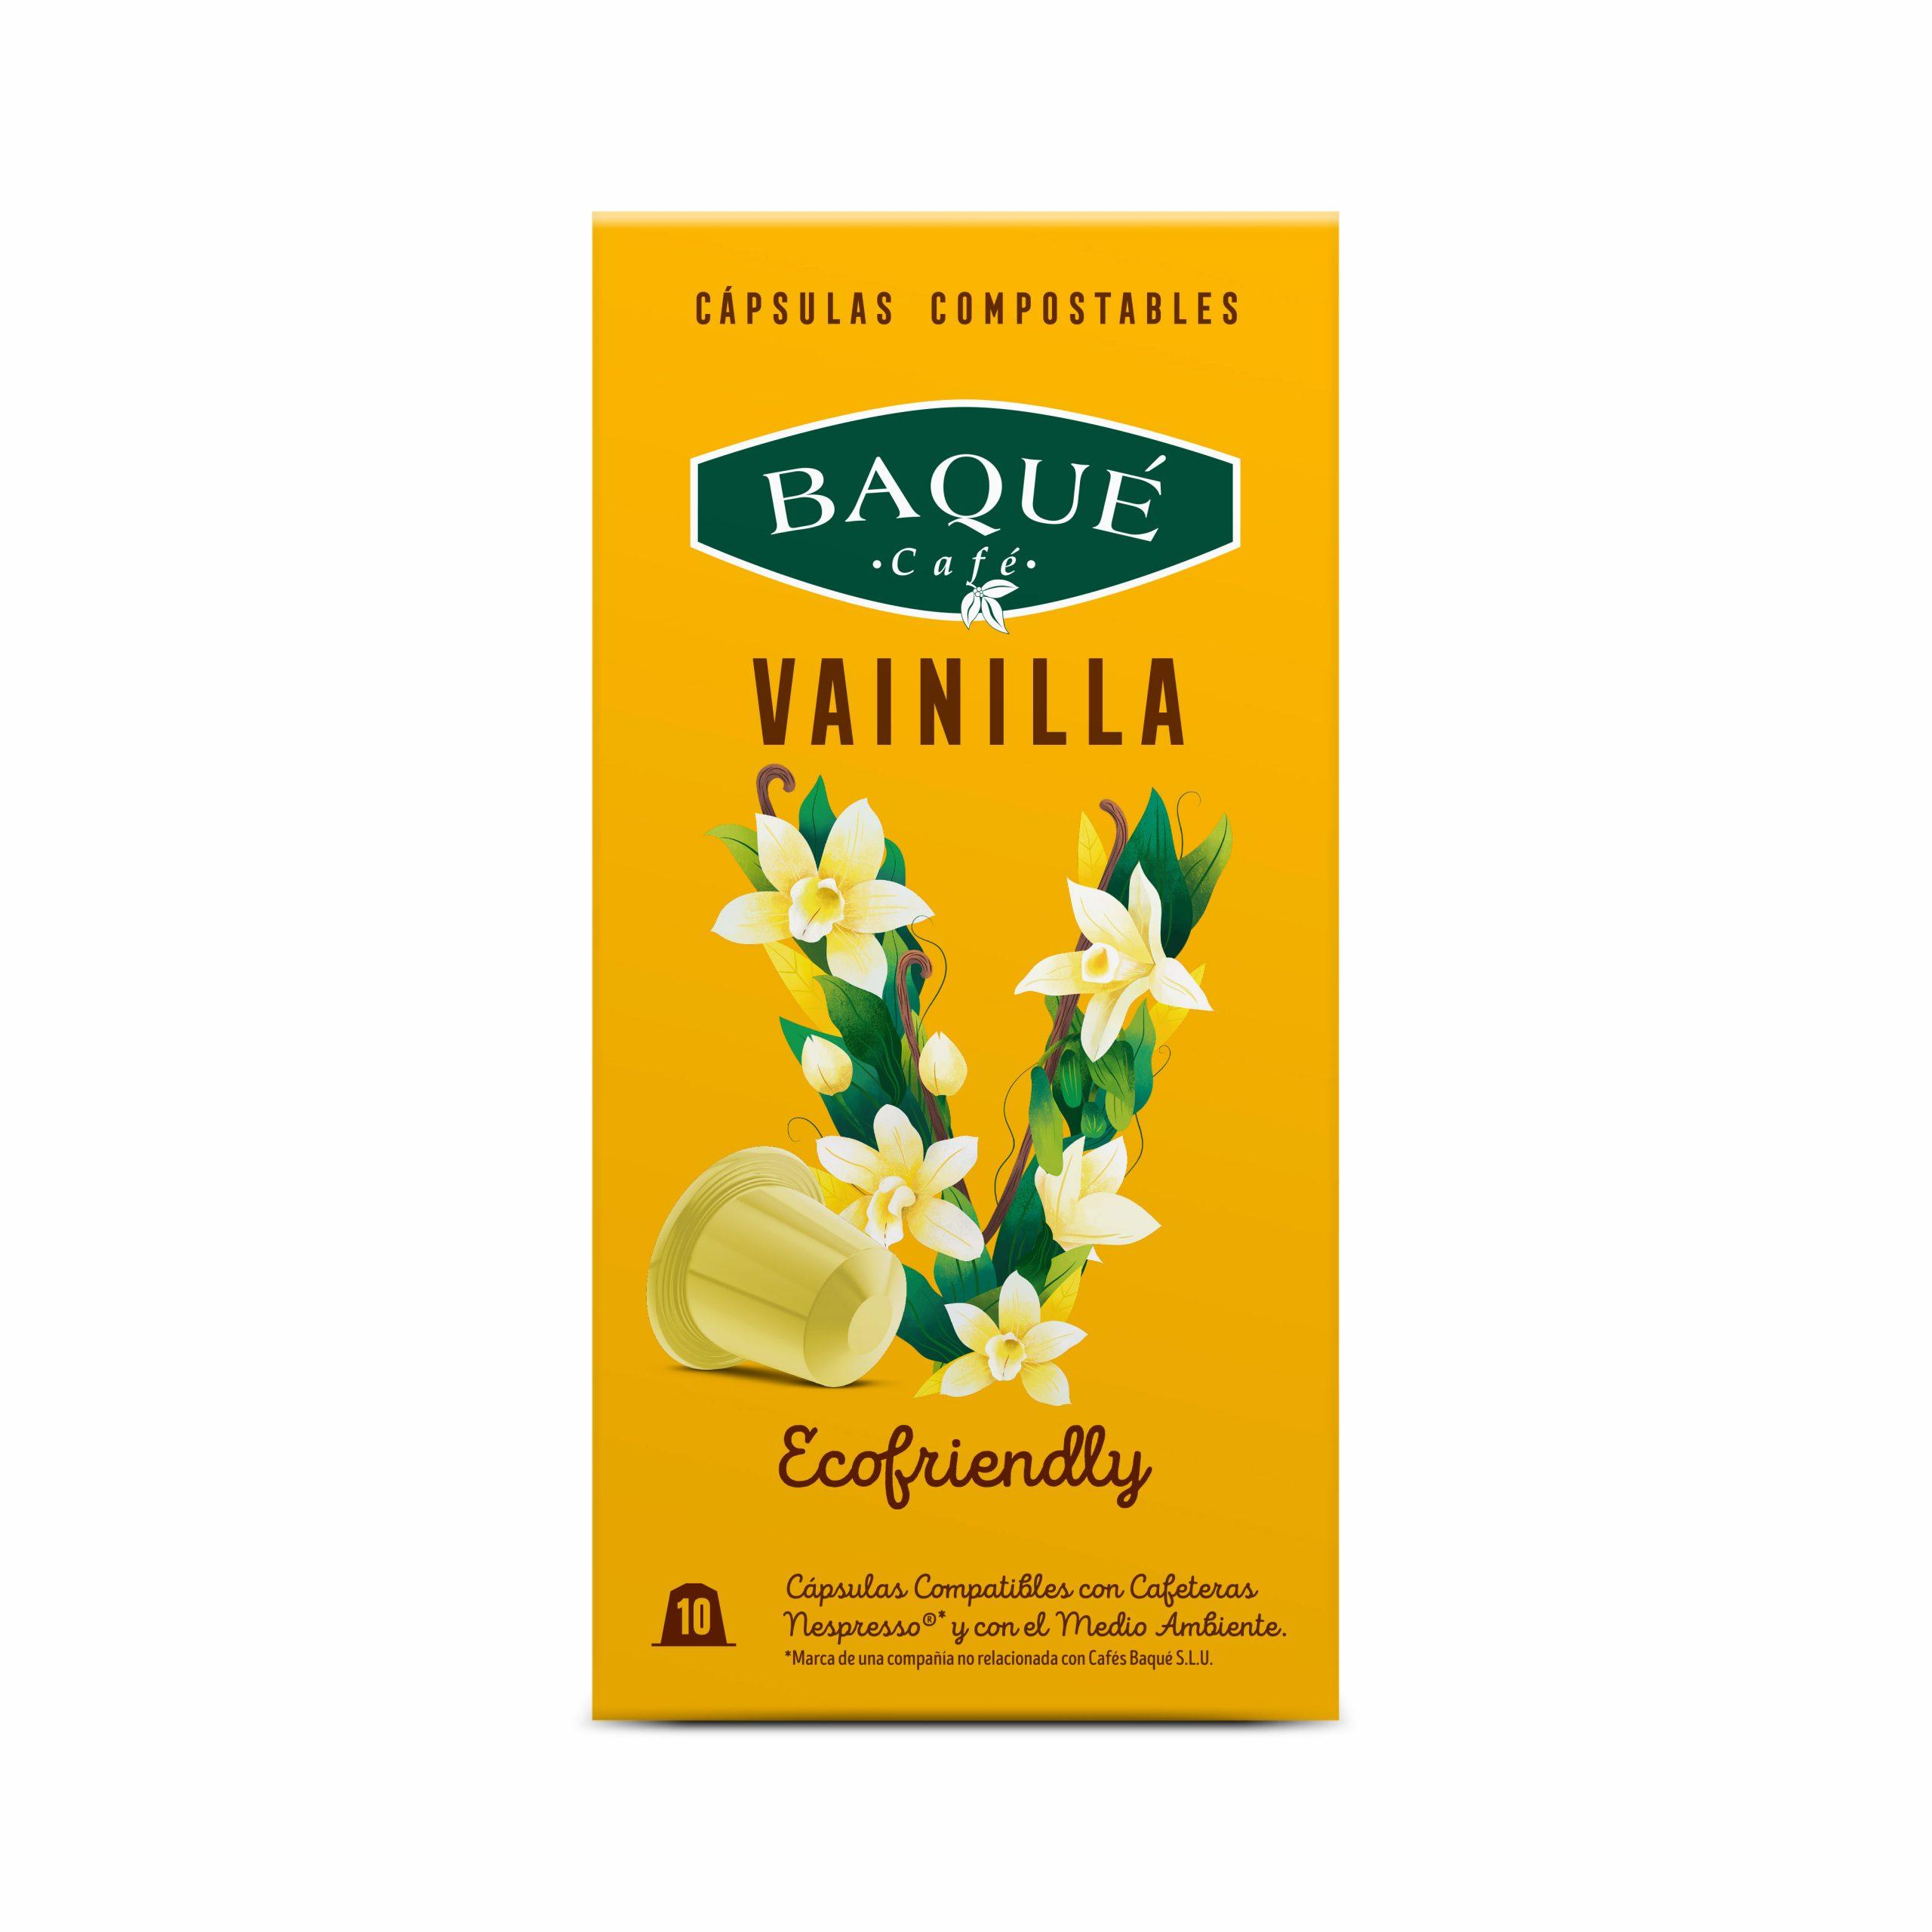 Vainilla 10 cápsulas Compostables compatibles Nespresso®